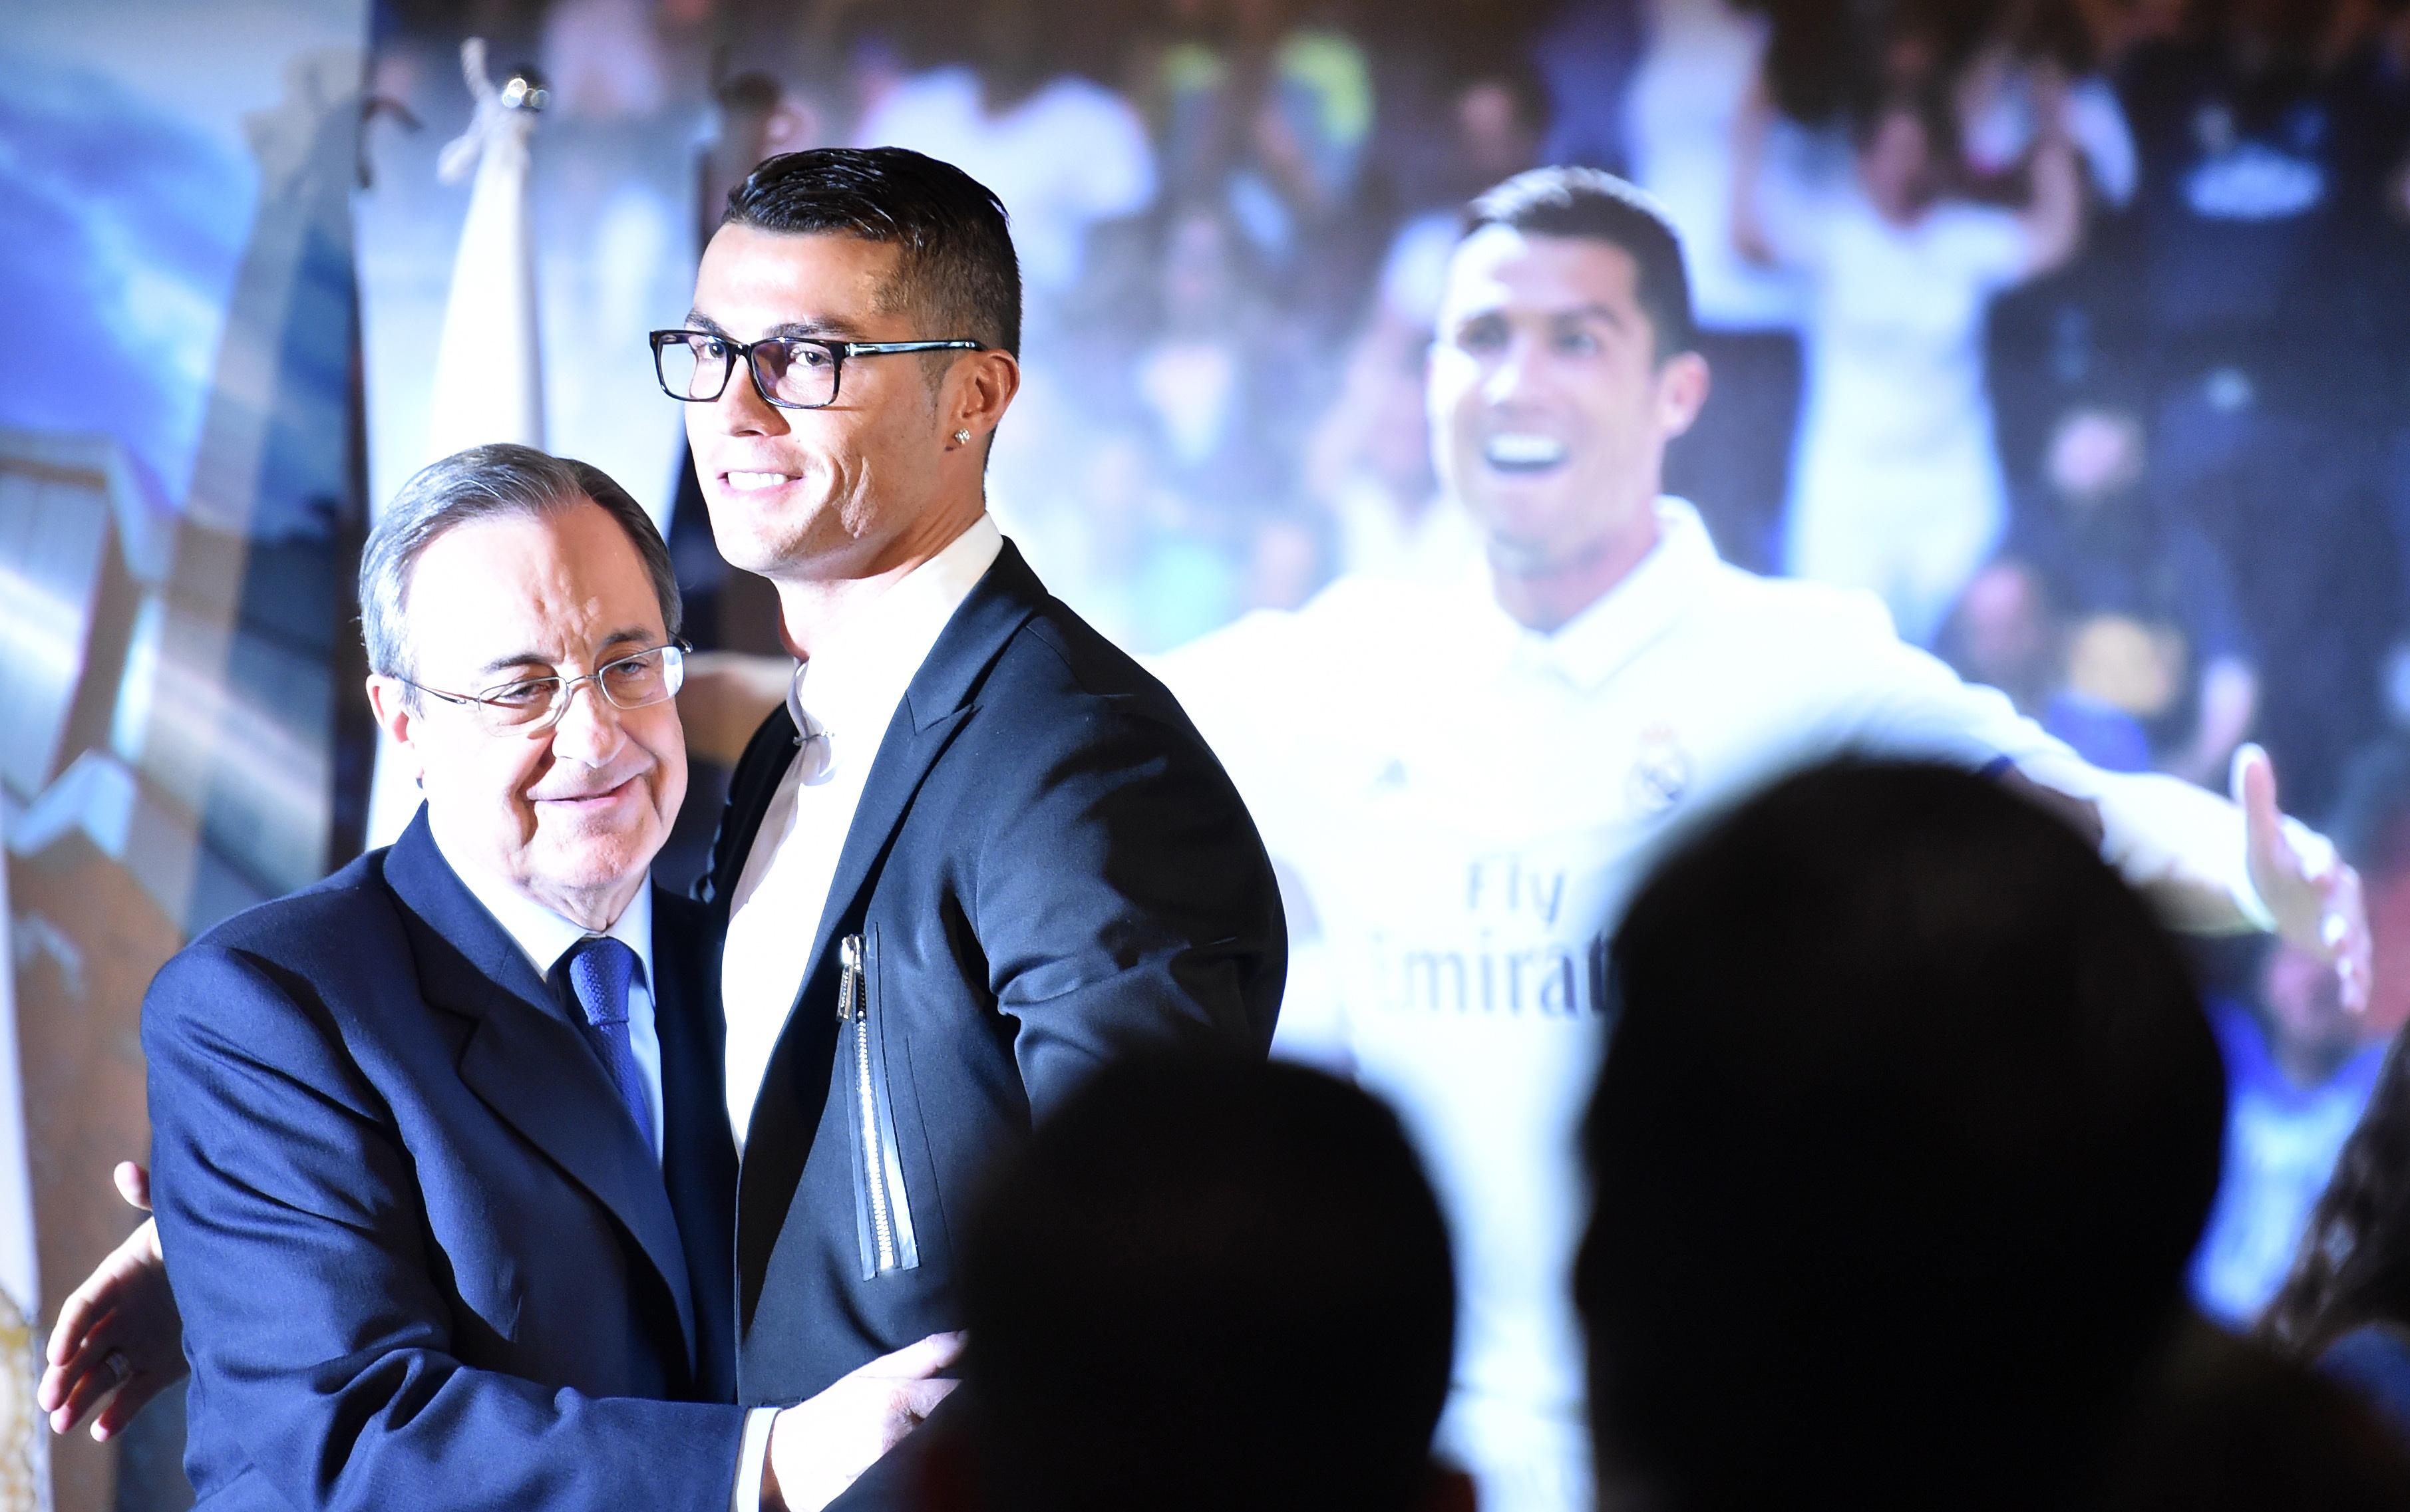 Florentino Perez maffiastílusban fenyegette az UEFA elnökét, és belengette, hogy ha a fiatal tévénézők úgy akarják, lerövidíthetik a játékidőt is